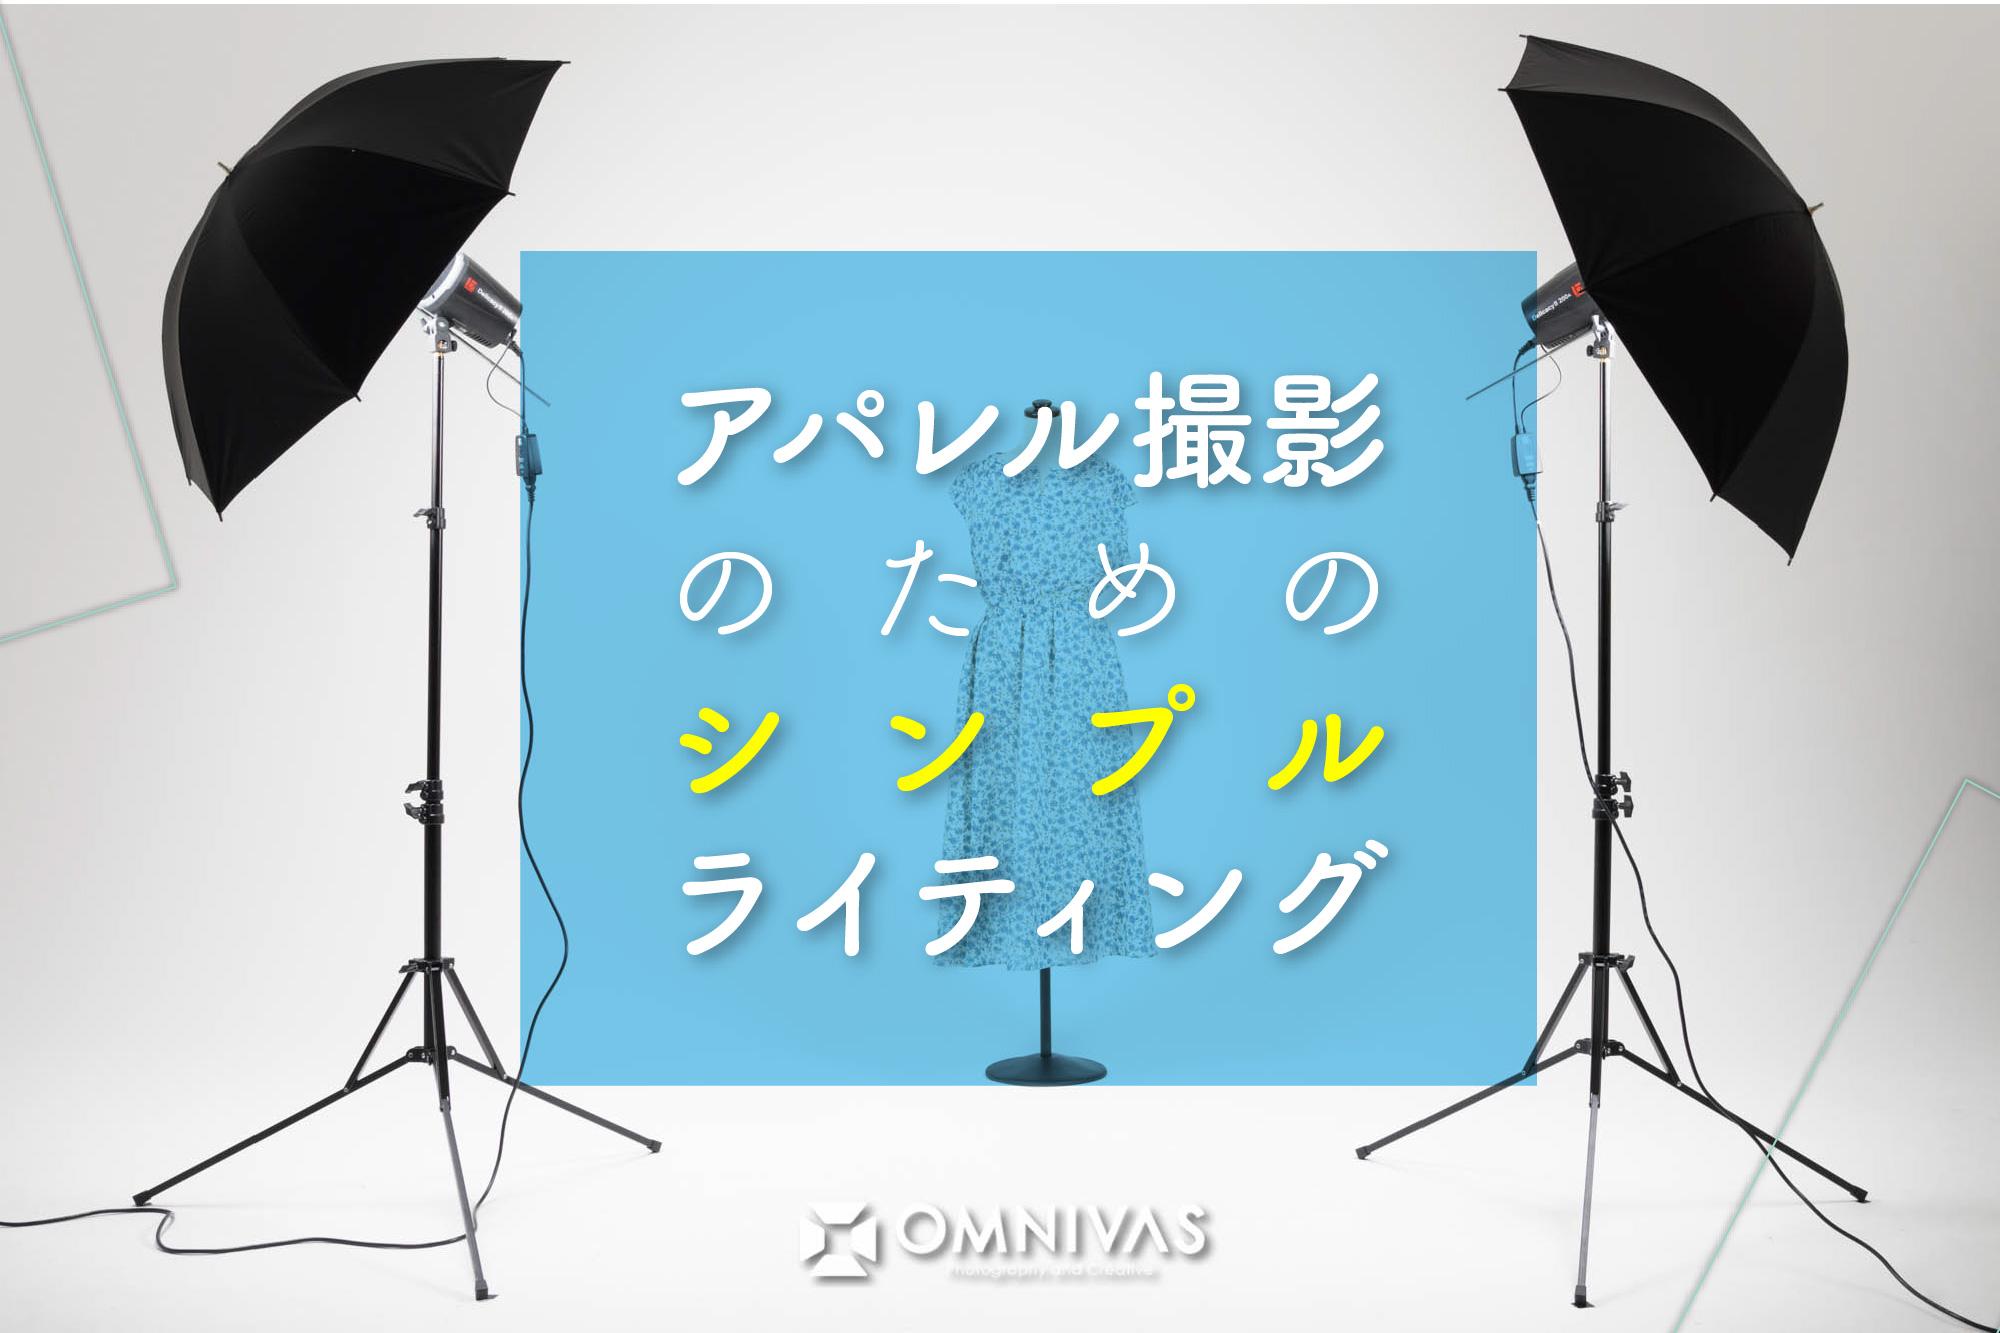 [撮影機材の選び方] アパレル撮影にオススメ!本格ストロボ撮影2灯キット